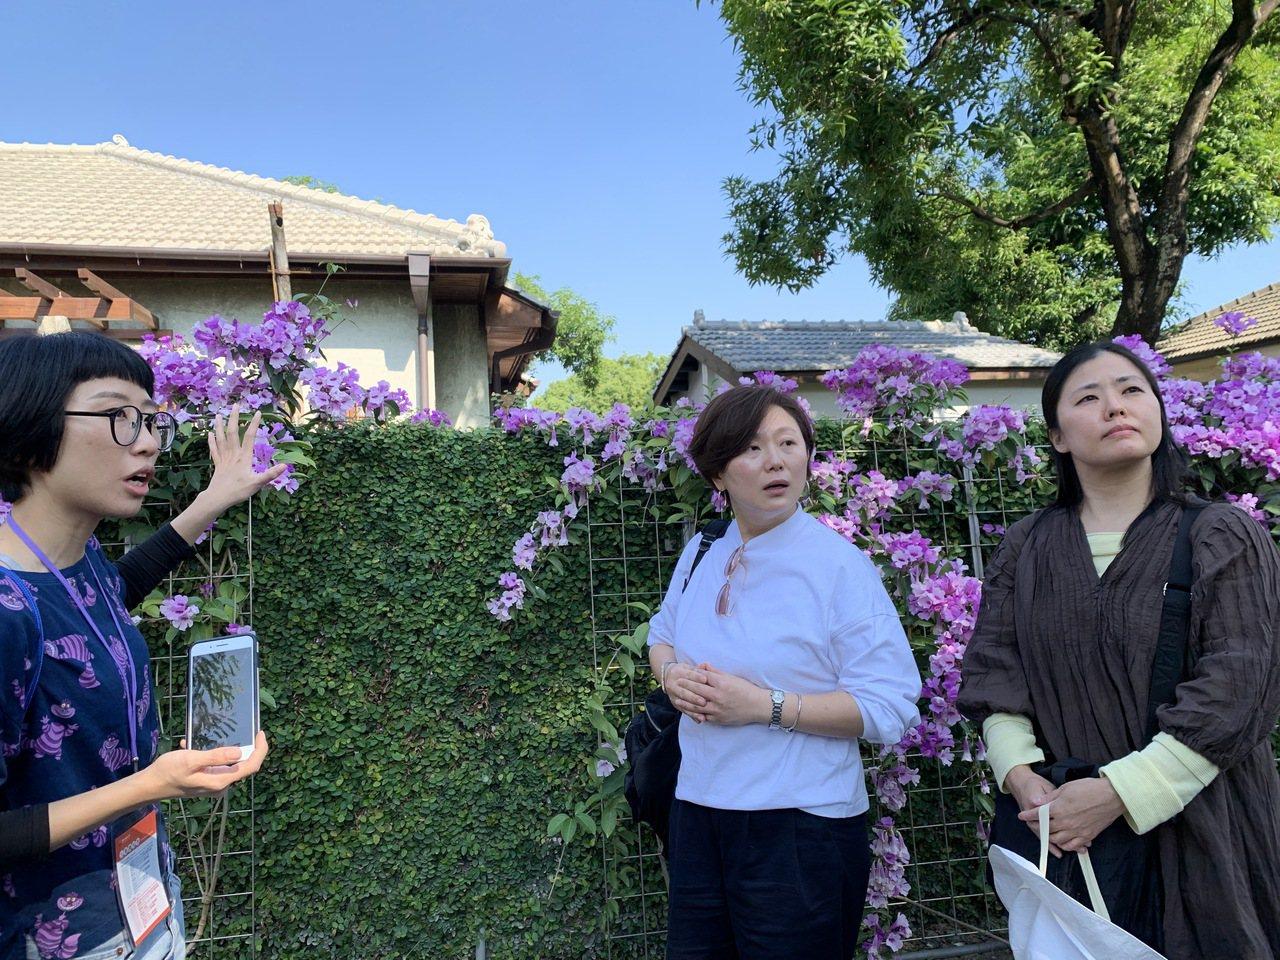 來自日本的教授渡邊美香還感謝台灣把日式眷舍保存下來。記者翁禎霞/攝影